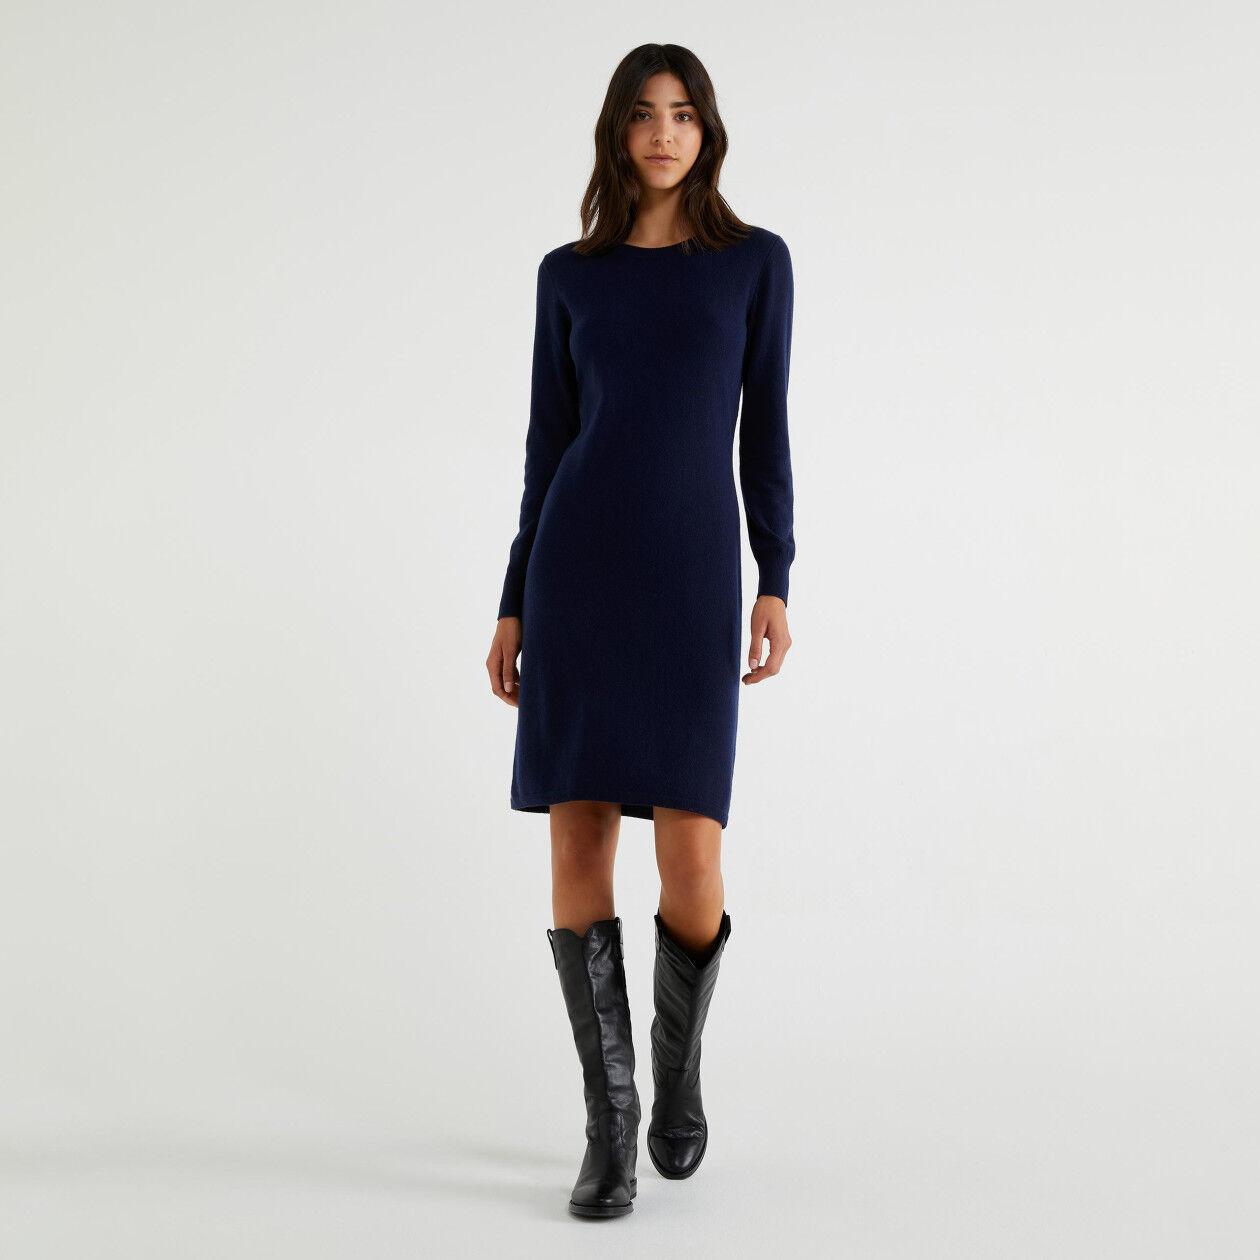 Φόρεμα σωλήνας από πλεκτό ύφασμα